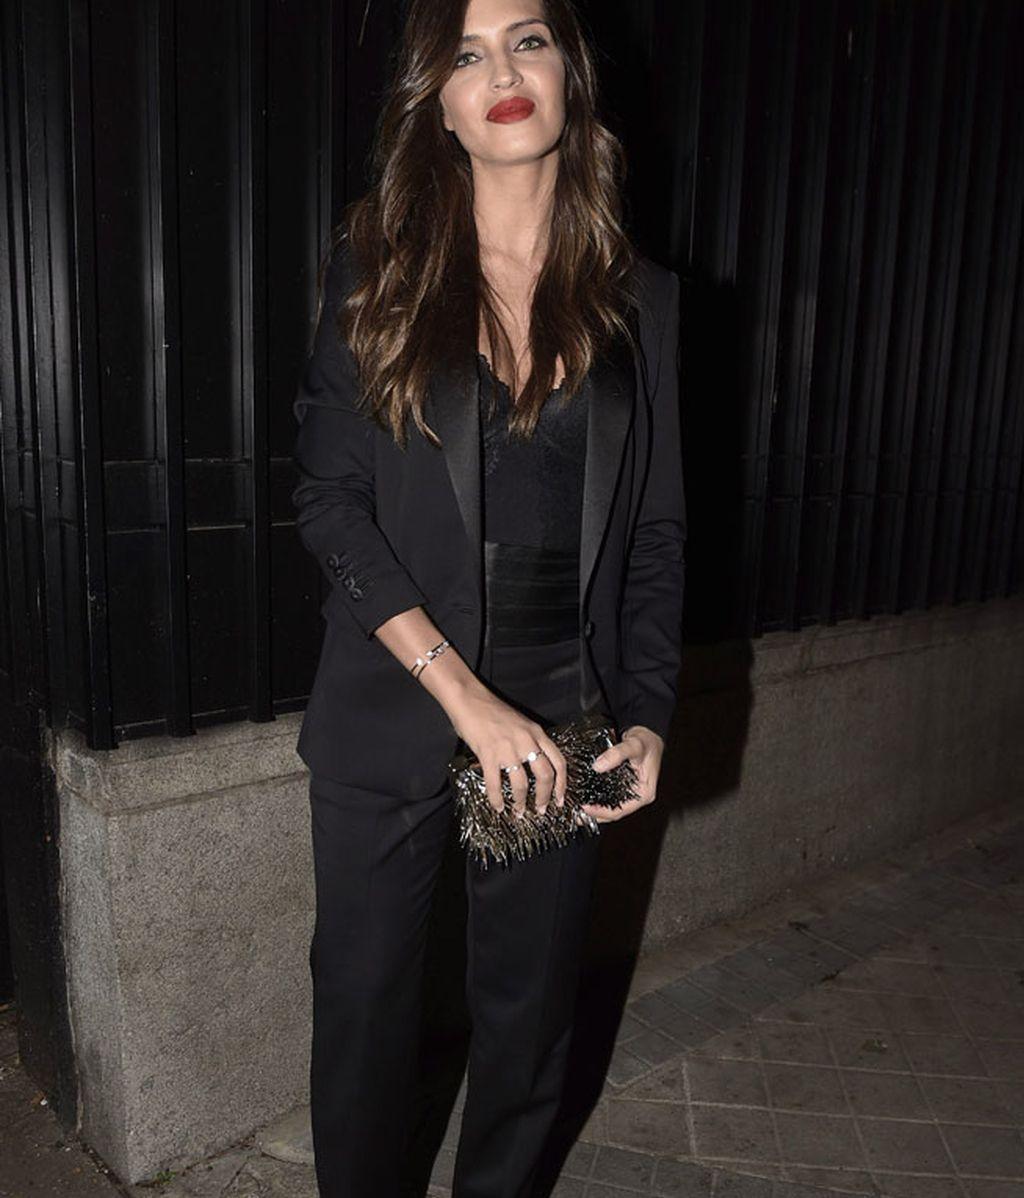 Sara Carbonero eligió un look total black de chaqueta y pantalón masculino